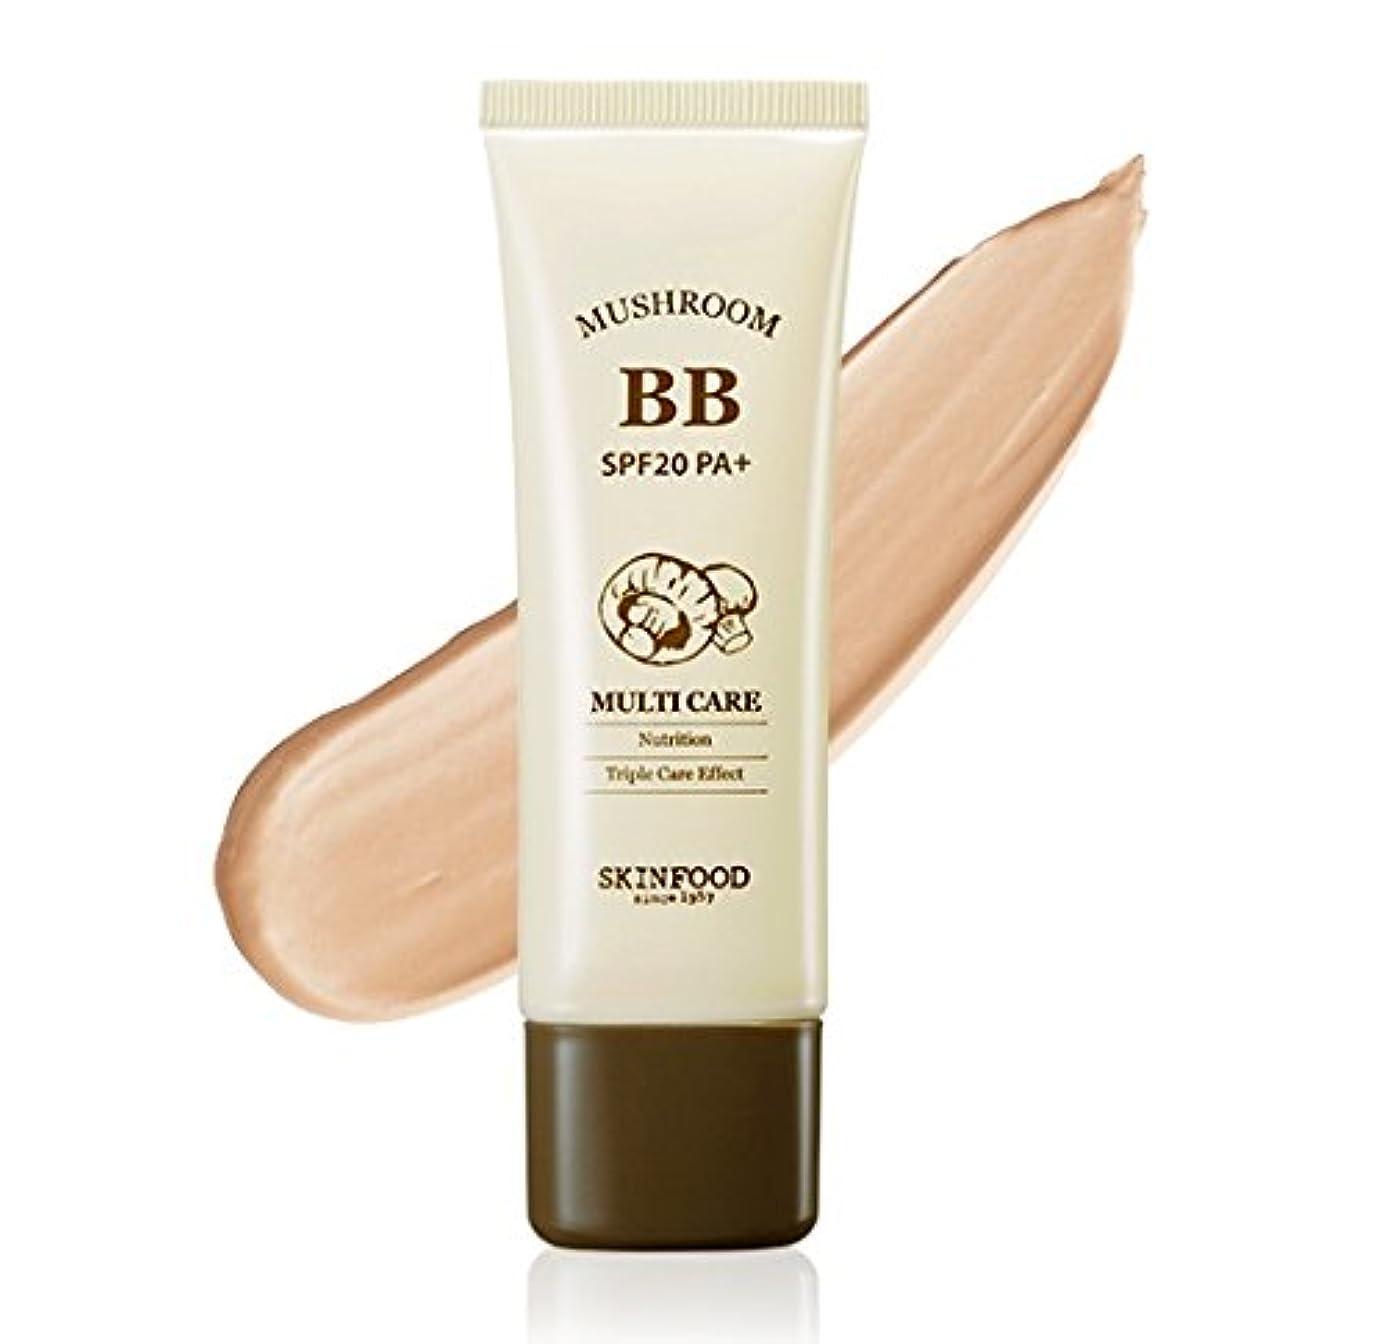 ステンレス渦インセンティブ#Bright skin SKINFOOD Mushroom Multi Care BB Cream スキンフード マッシュルーム マルチケア BB cream クリーム SPF20 PA+ [並行輸入品]